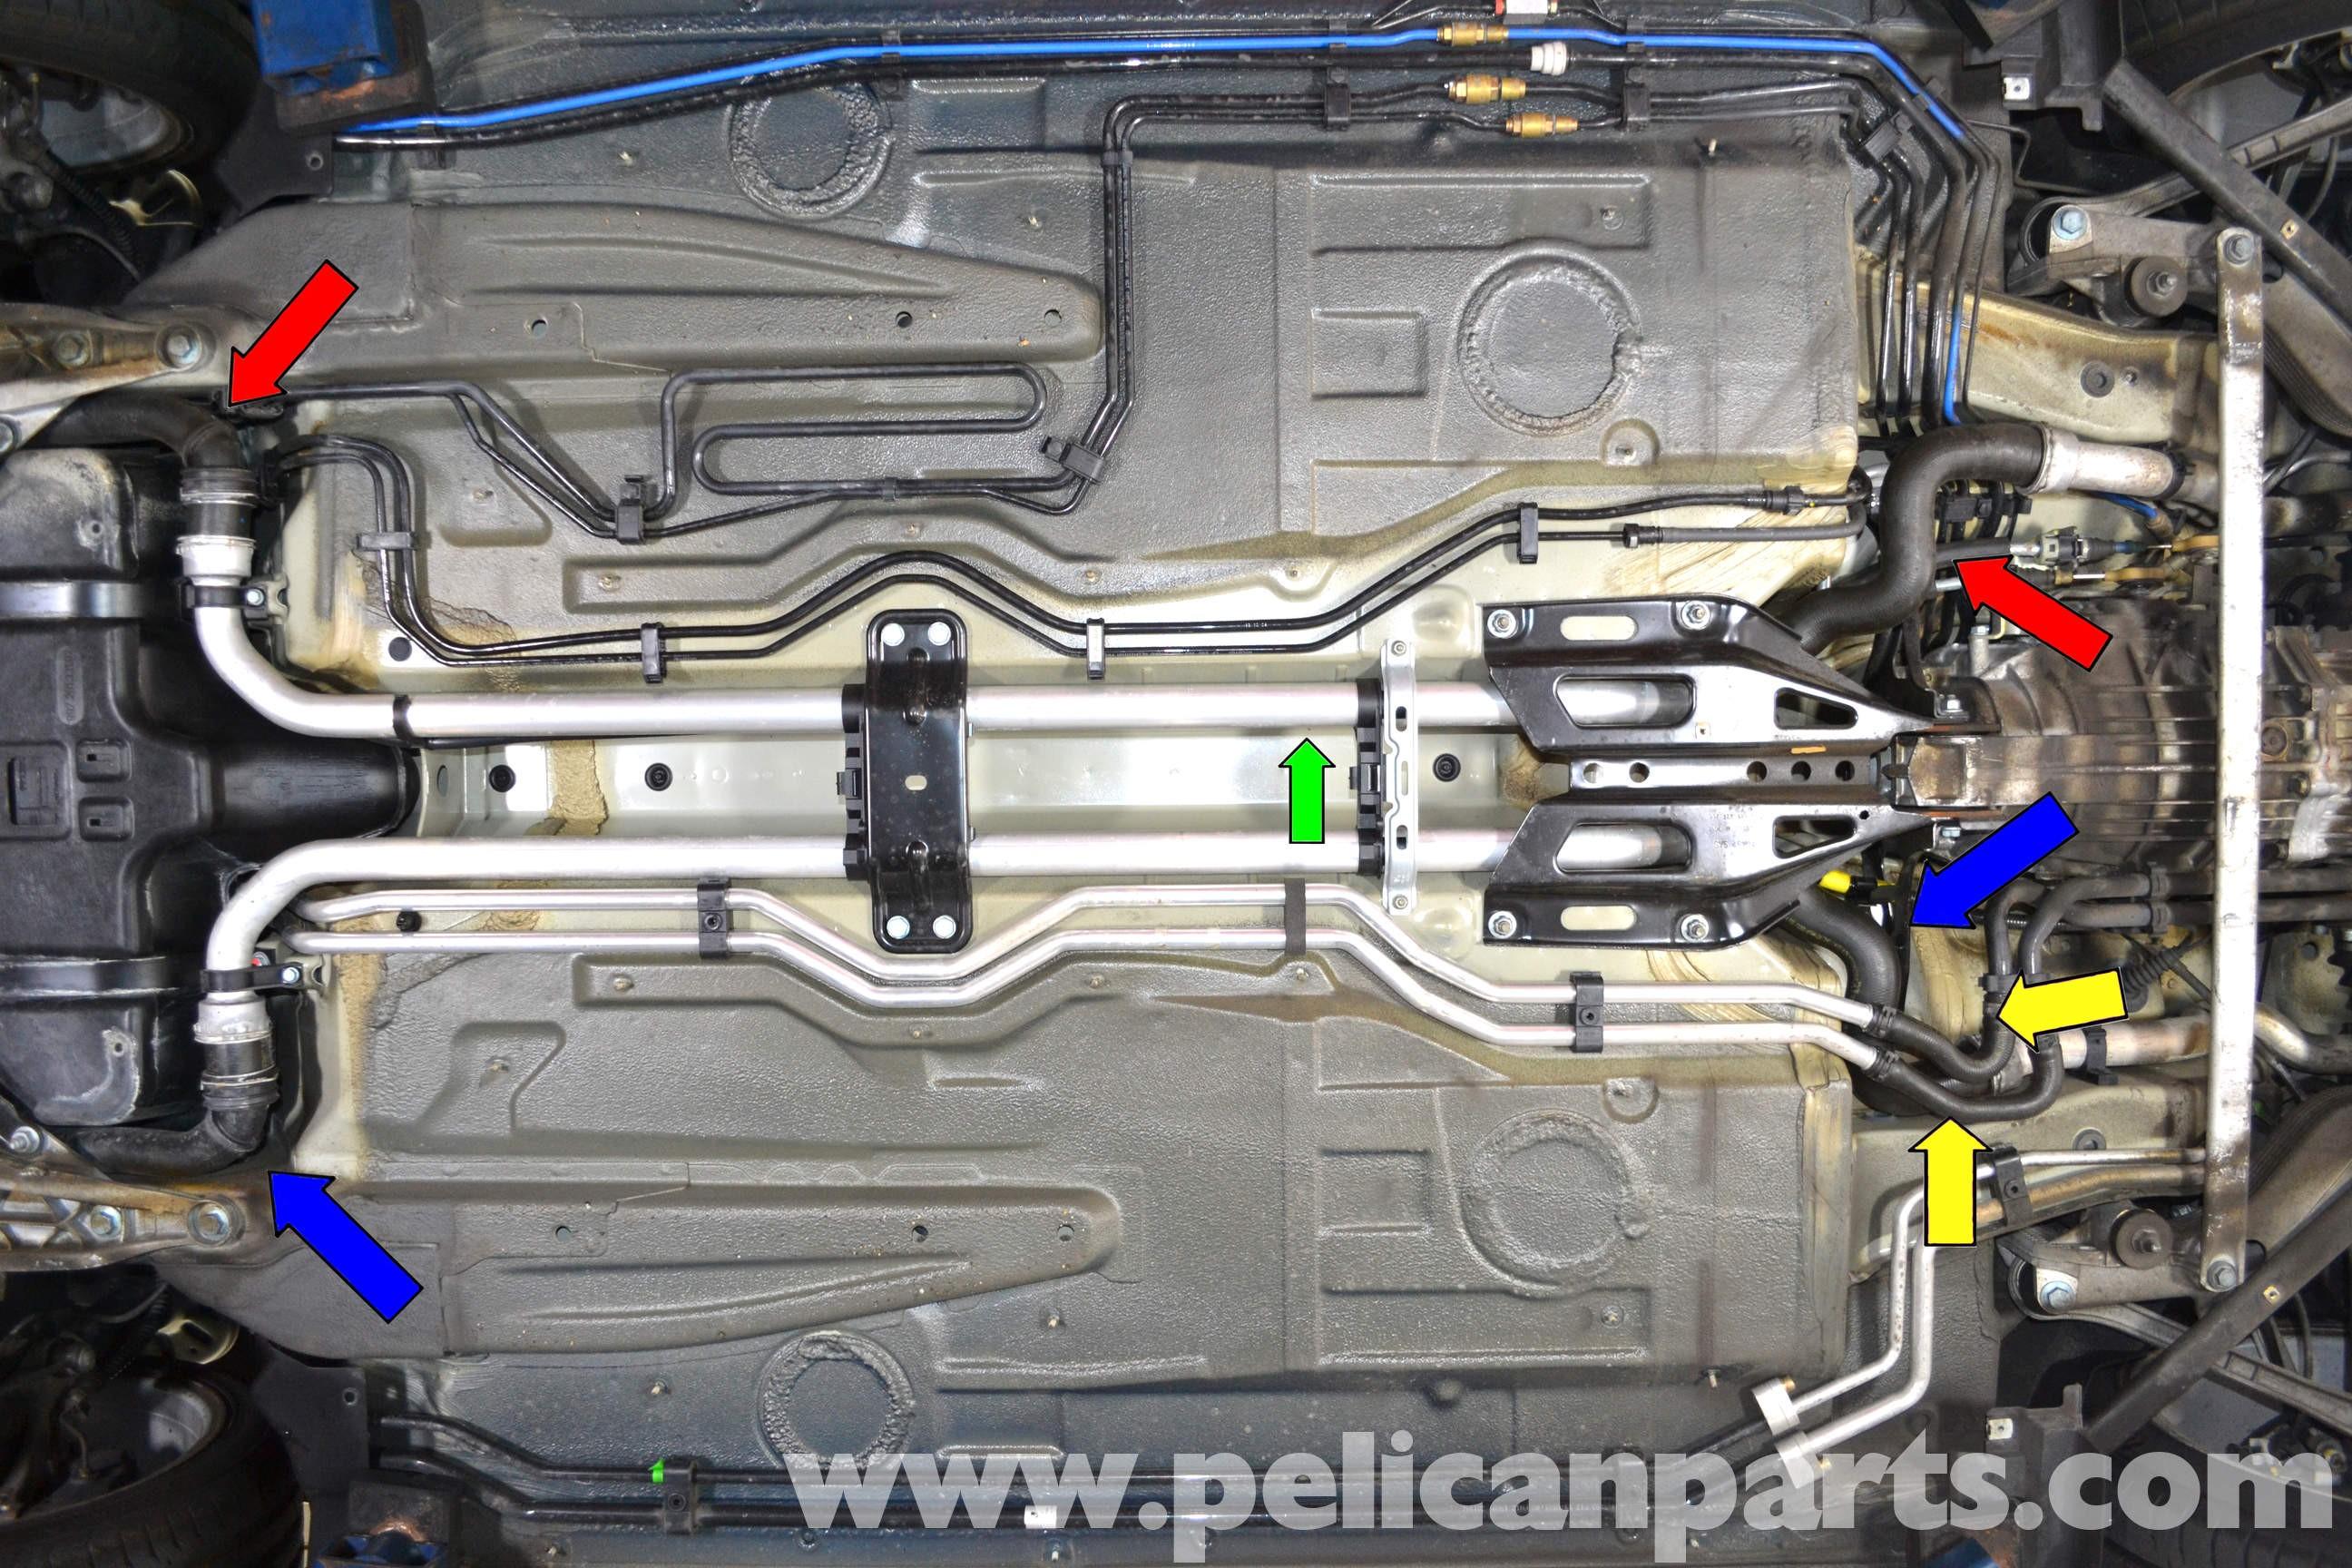 Diagram Of Car Coolant System Porsche 911 Carrera Coolant Hose Replacement 996 1998 2005 997 Of Diagram Of Car Coolant System